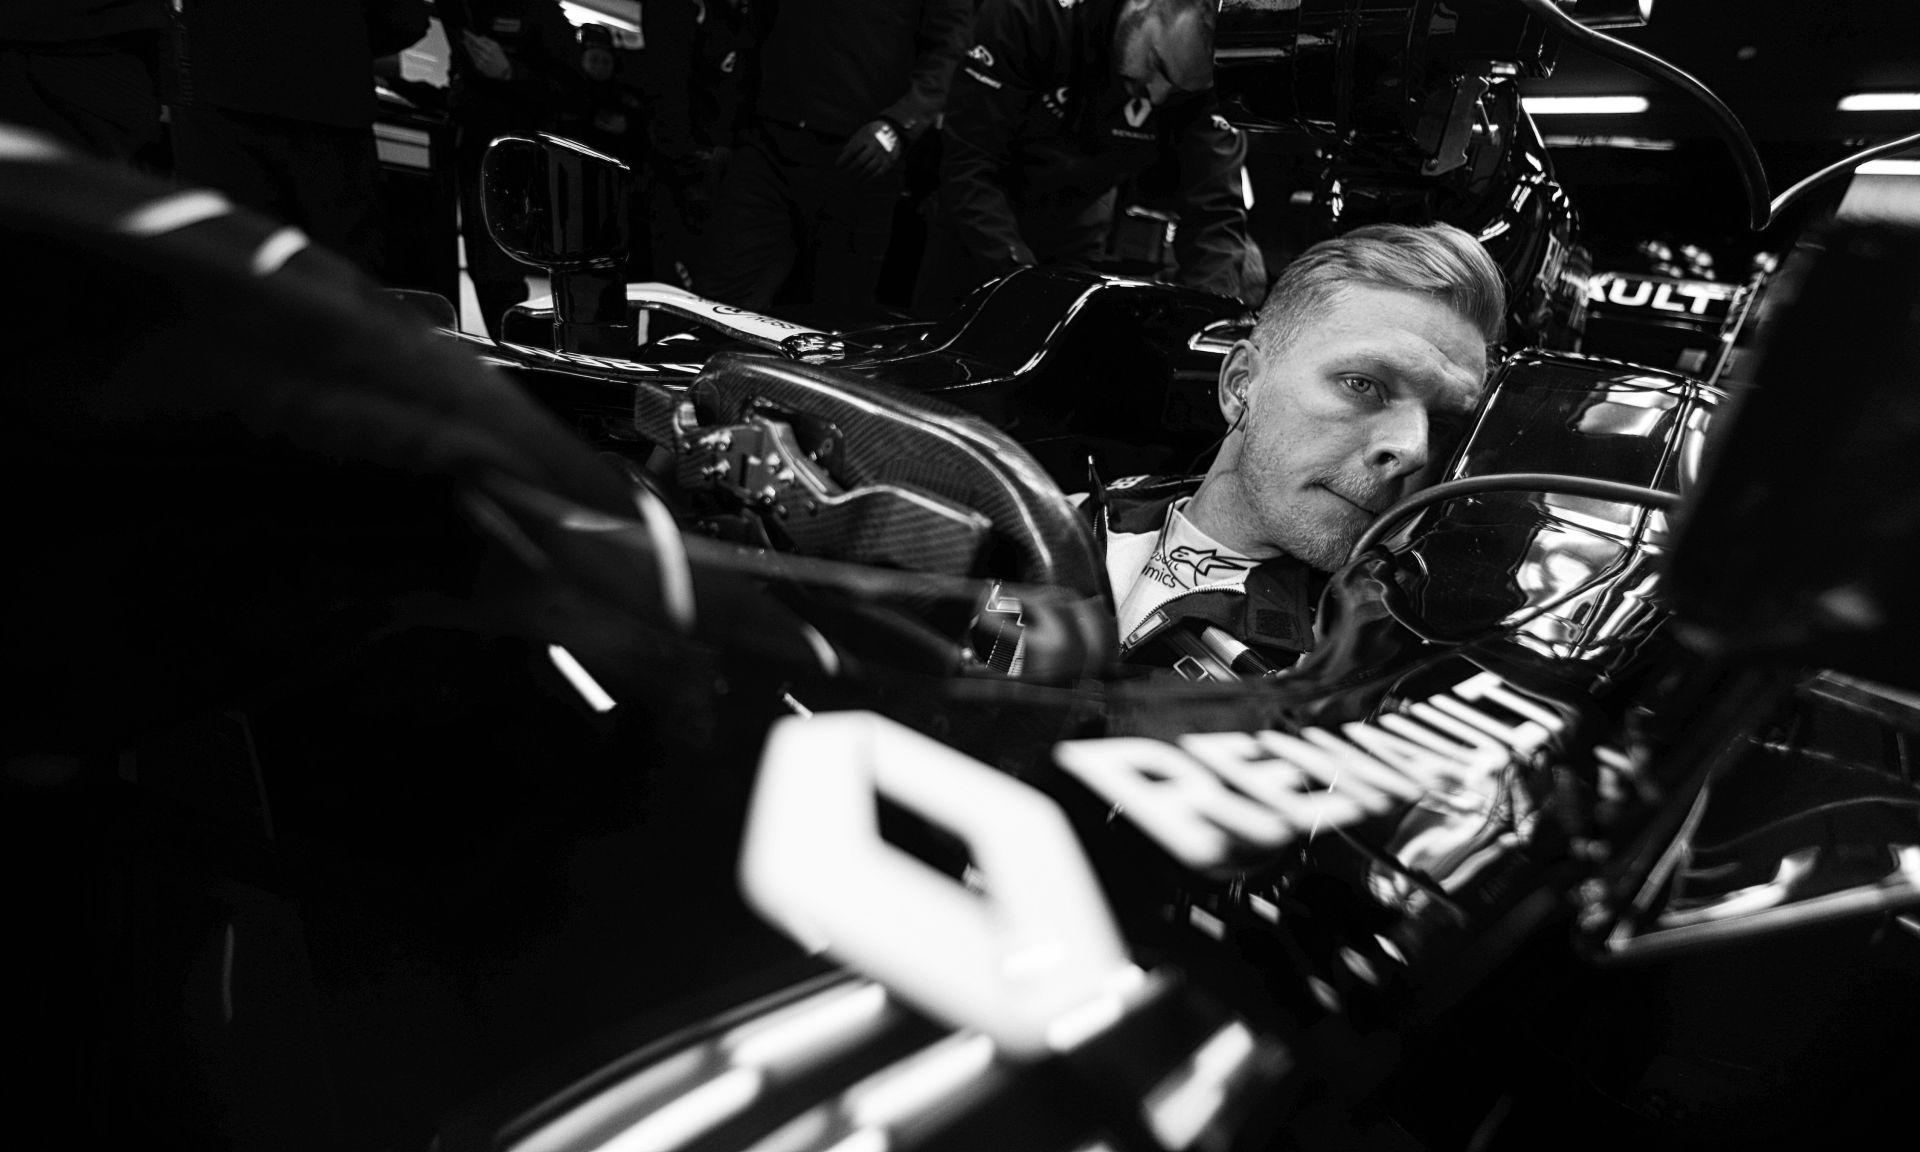 Magnussen nem fogad bosszút a McLaren ellen, de szerinte a Renault-nál boldogabbak az emberek